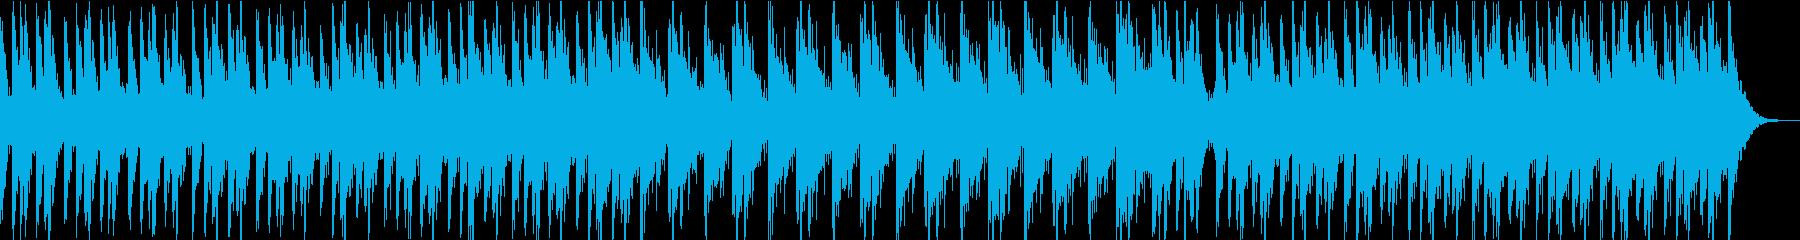 力強くひたすら熱いドラムアンサンブルの再生済みの波形